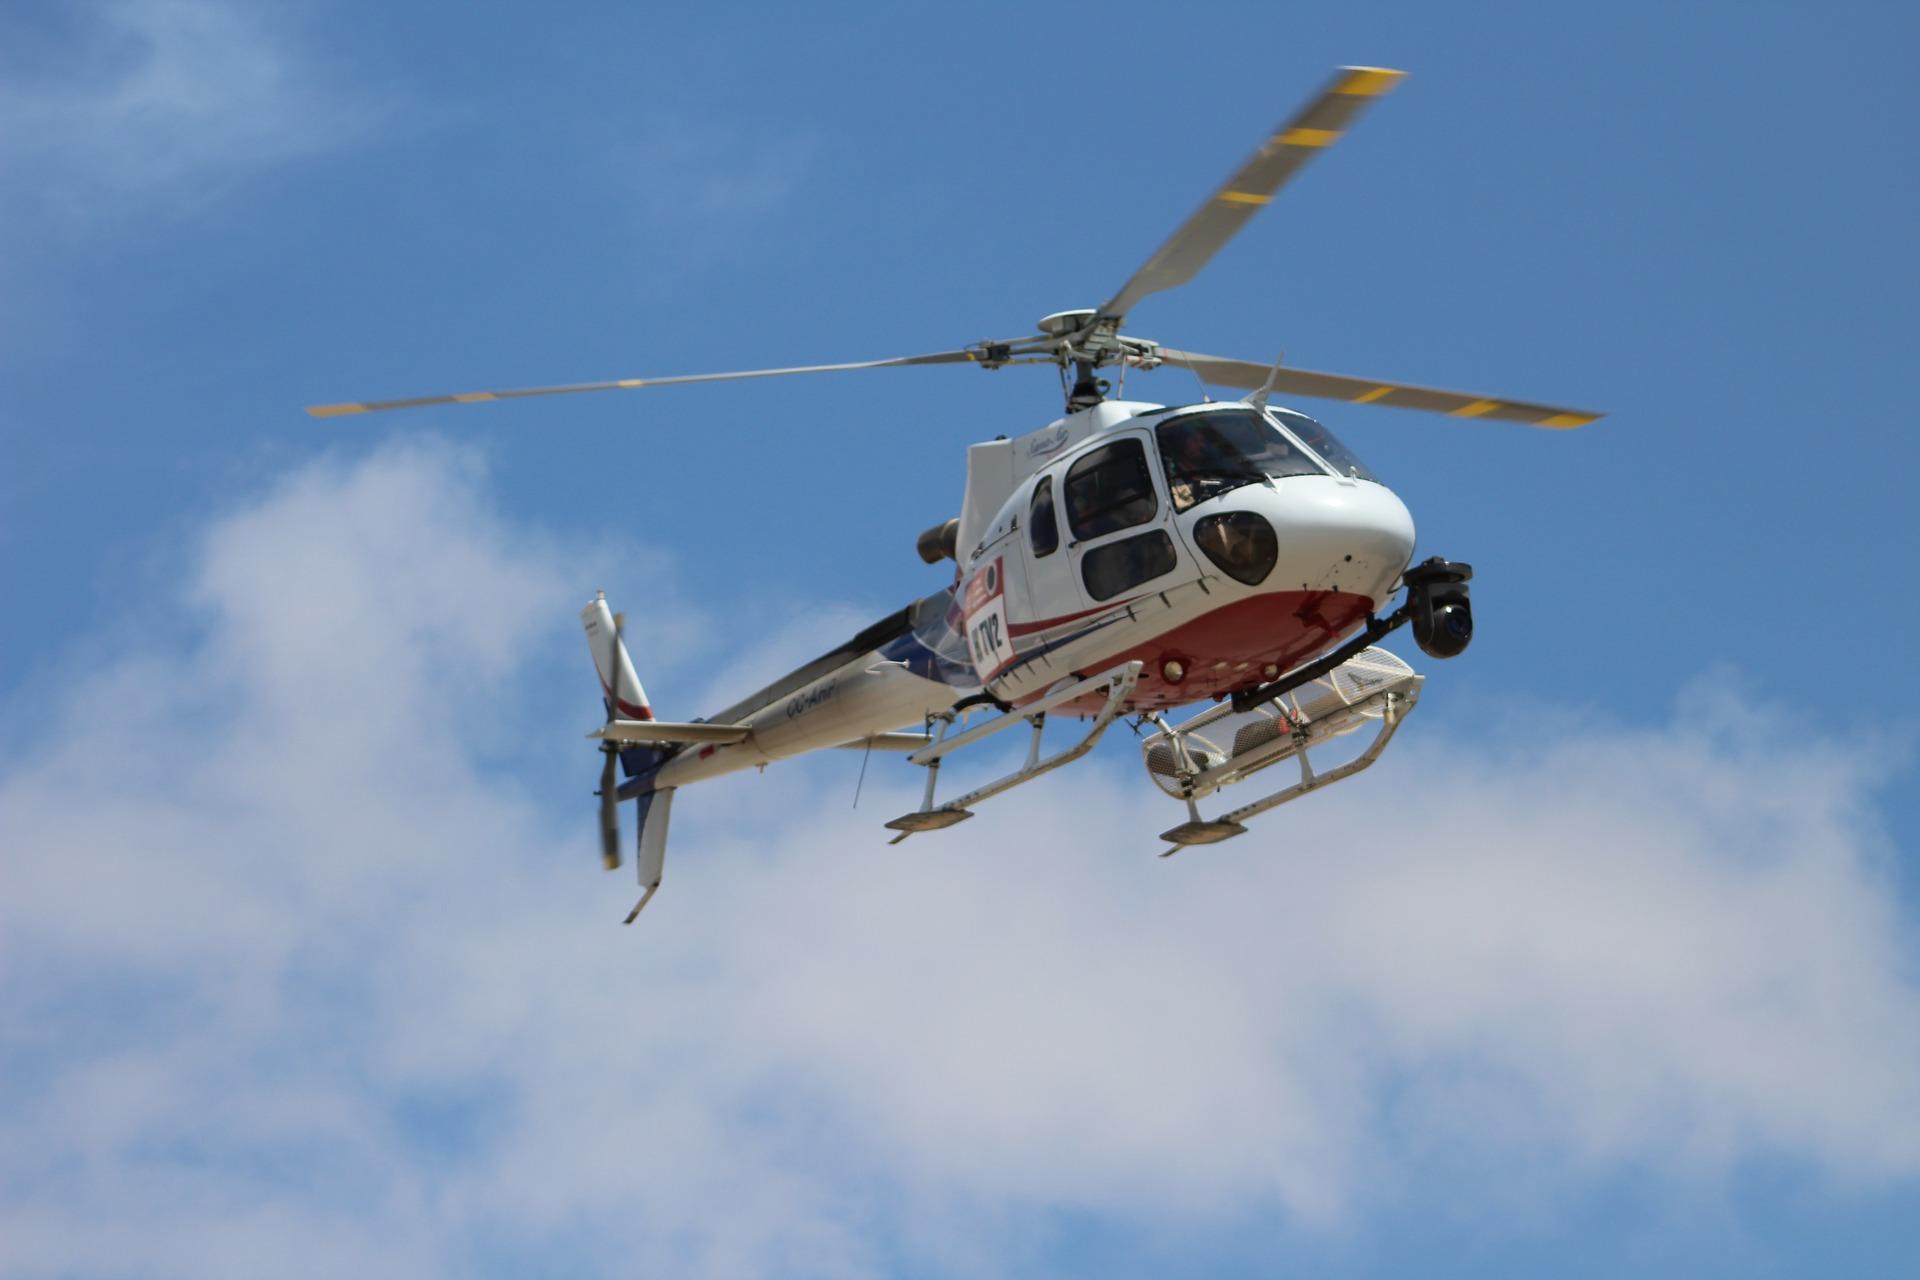 Vuelo en helicóptero en Oporto. Despedida de soltero y soltera en Oporto, Portugal.